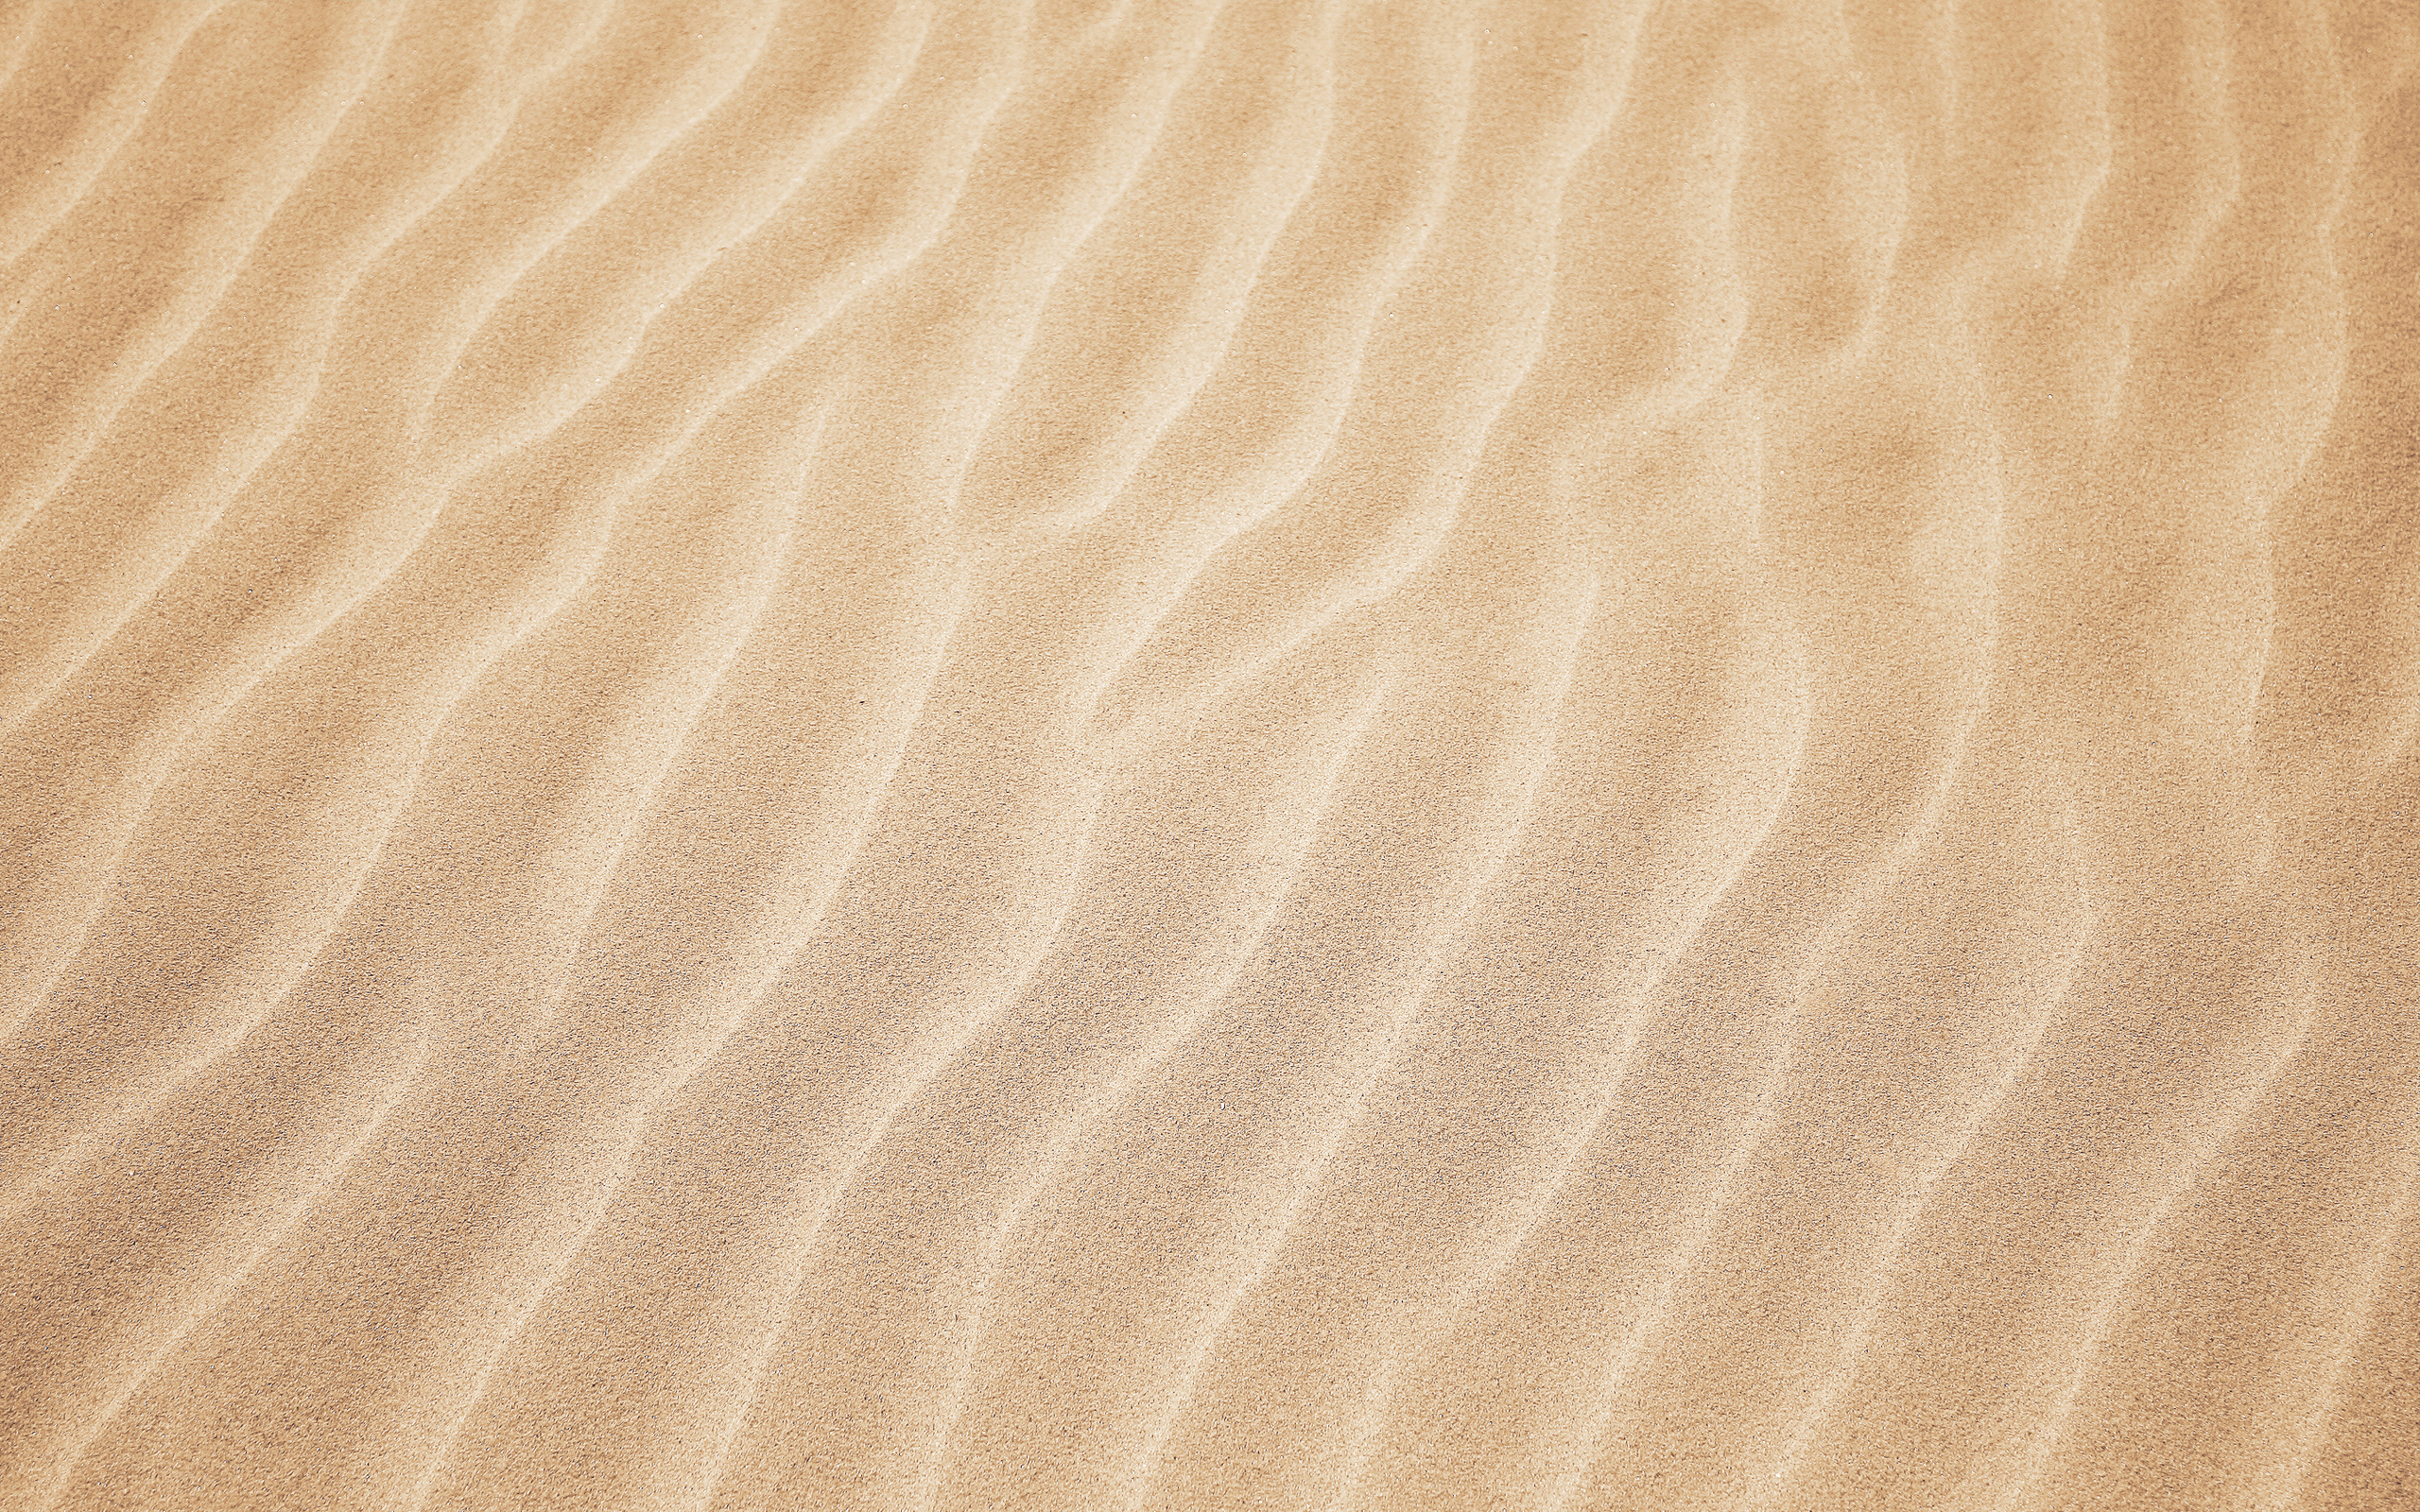 фон песка для презентации такой